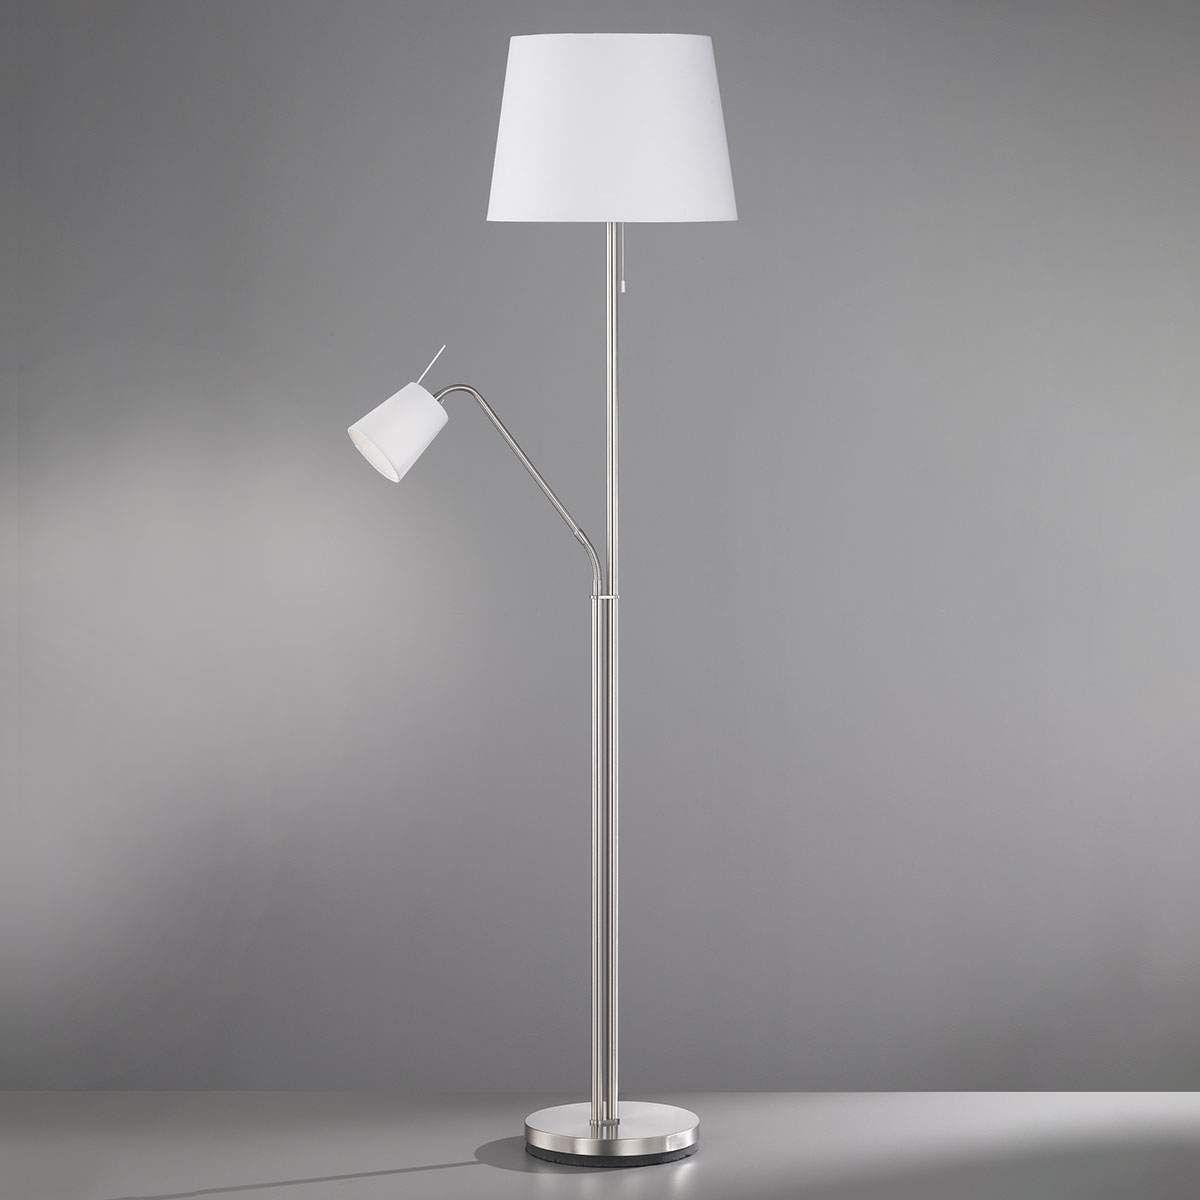 LED Standleuchte Messing matt H 160cm dimmer fexibel Stehleuchte Leselicht